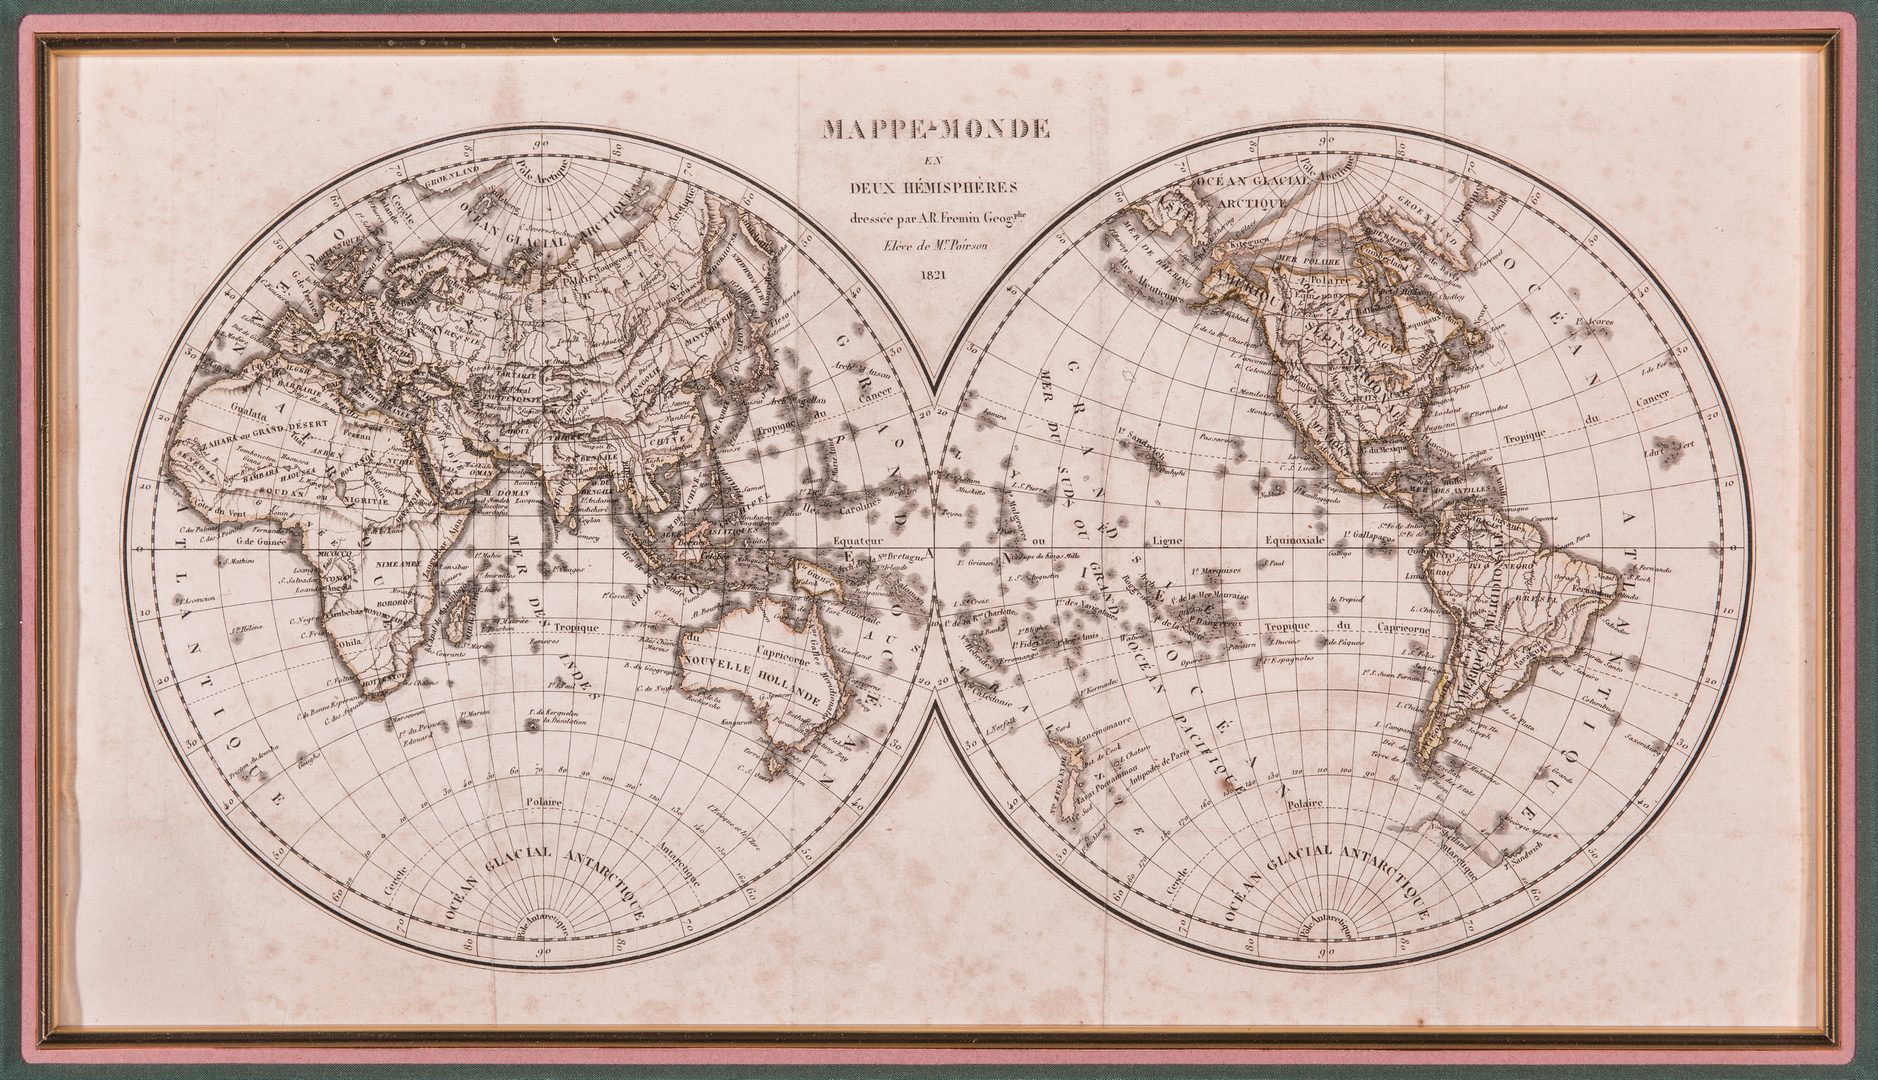 Lot 368: Mappe-Monde en Deux Hemispheres, Poirson/Fremin, 1821